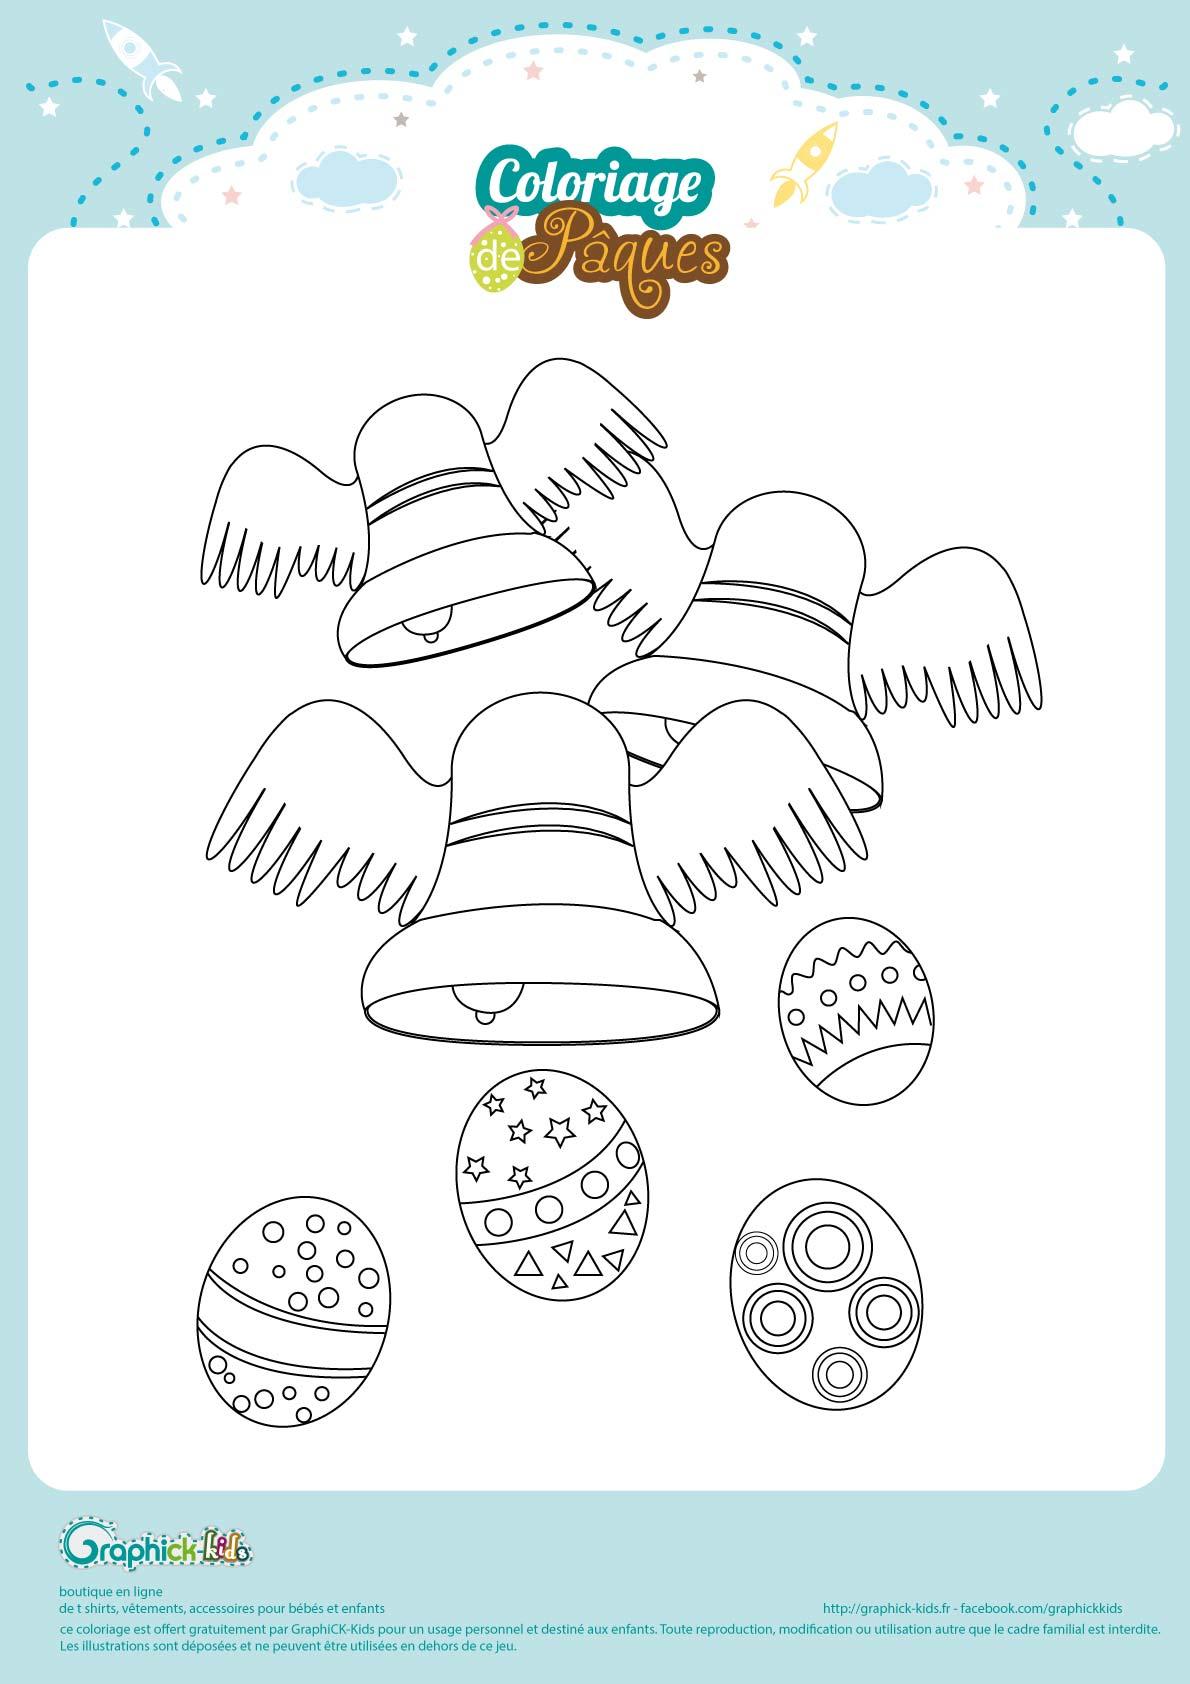 Coloriage De Paques Personnalise.L Activite Du Mercredi Le Coloriage De Paques Graphick Kids